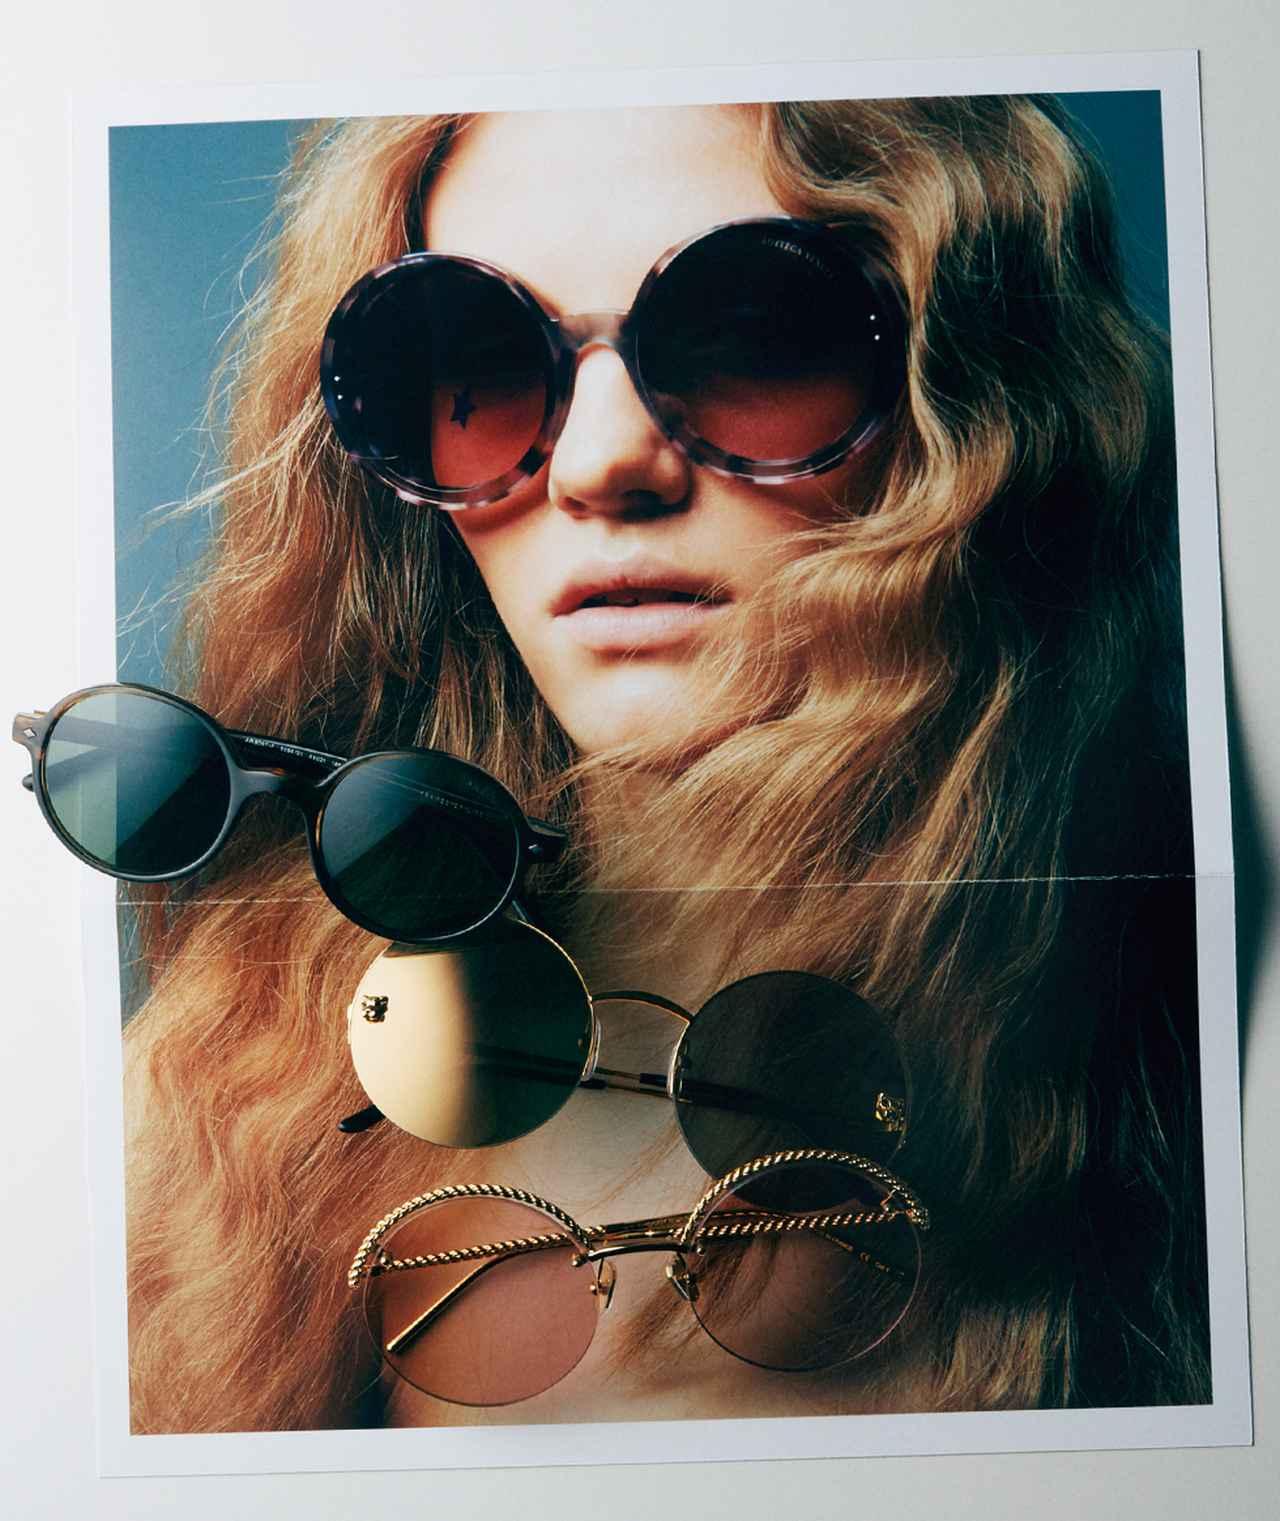 Images : 3番目の画像 - 「今シーズンHOTなサングラス」のアルバム - T JAPAN:The New York Times Style Magazine 公式サイト